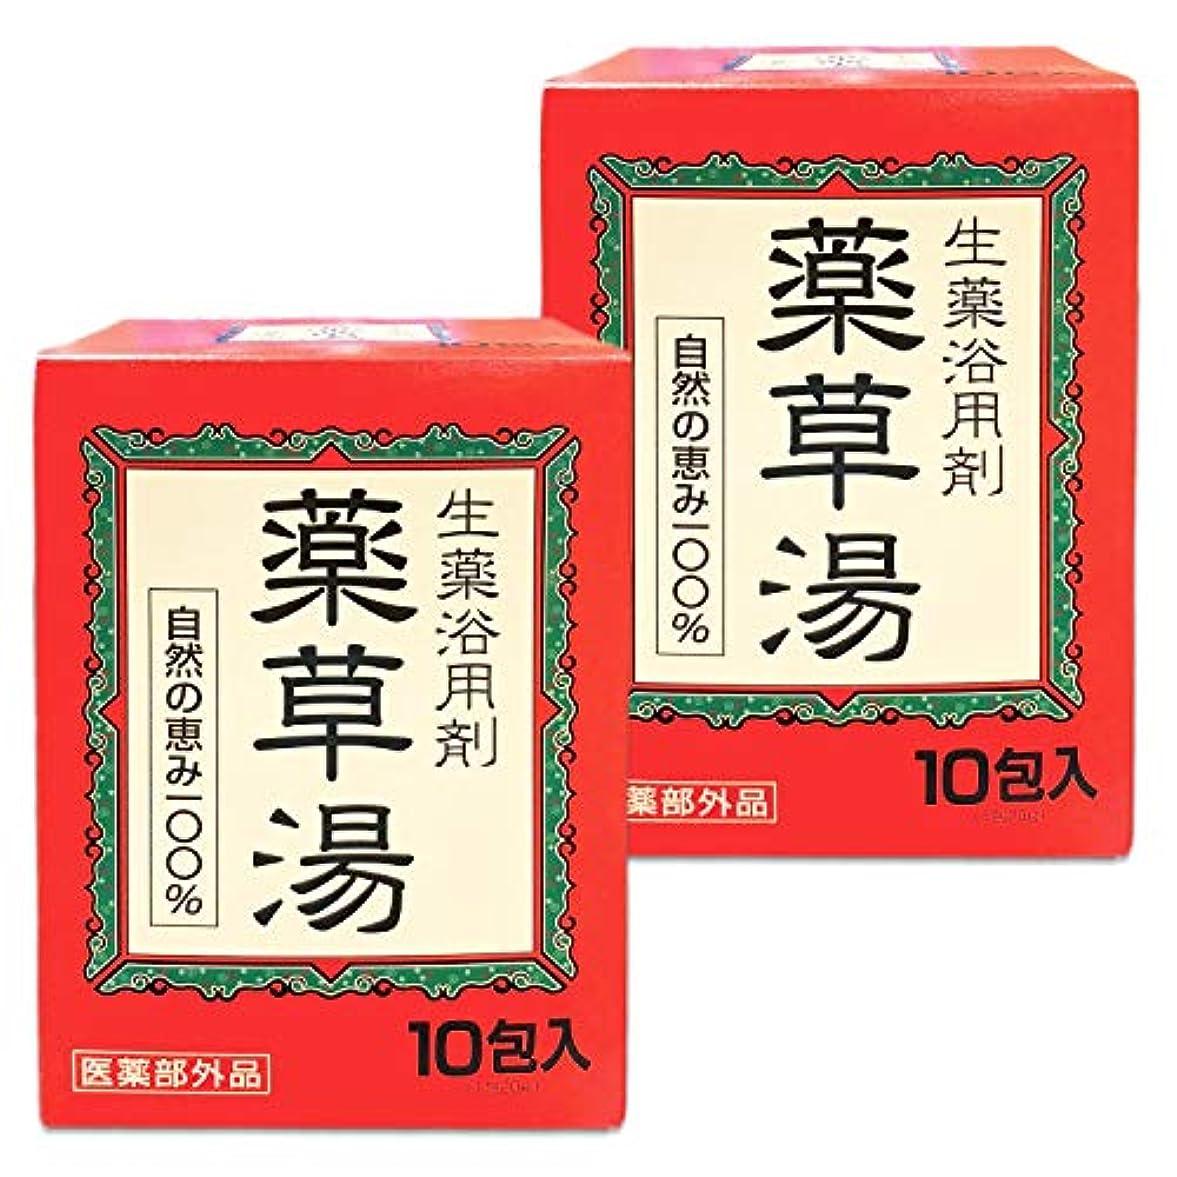 裂け目害しょっぱい【まとめ買い】 薬草湯 生薬浴用剤 10包入×2個 自然のめぐみ100% 医薬部外品